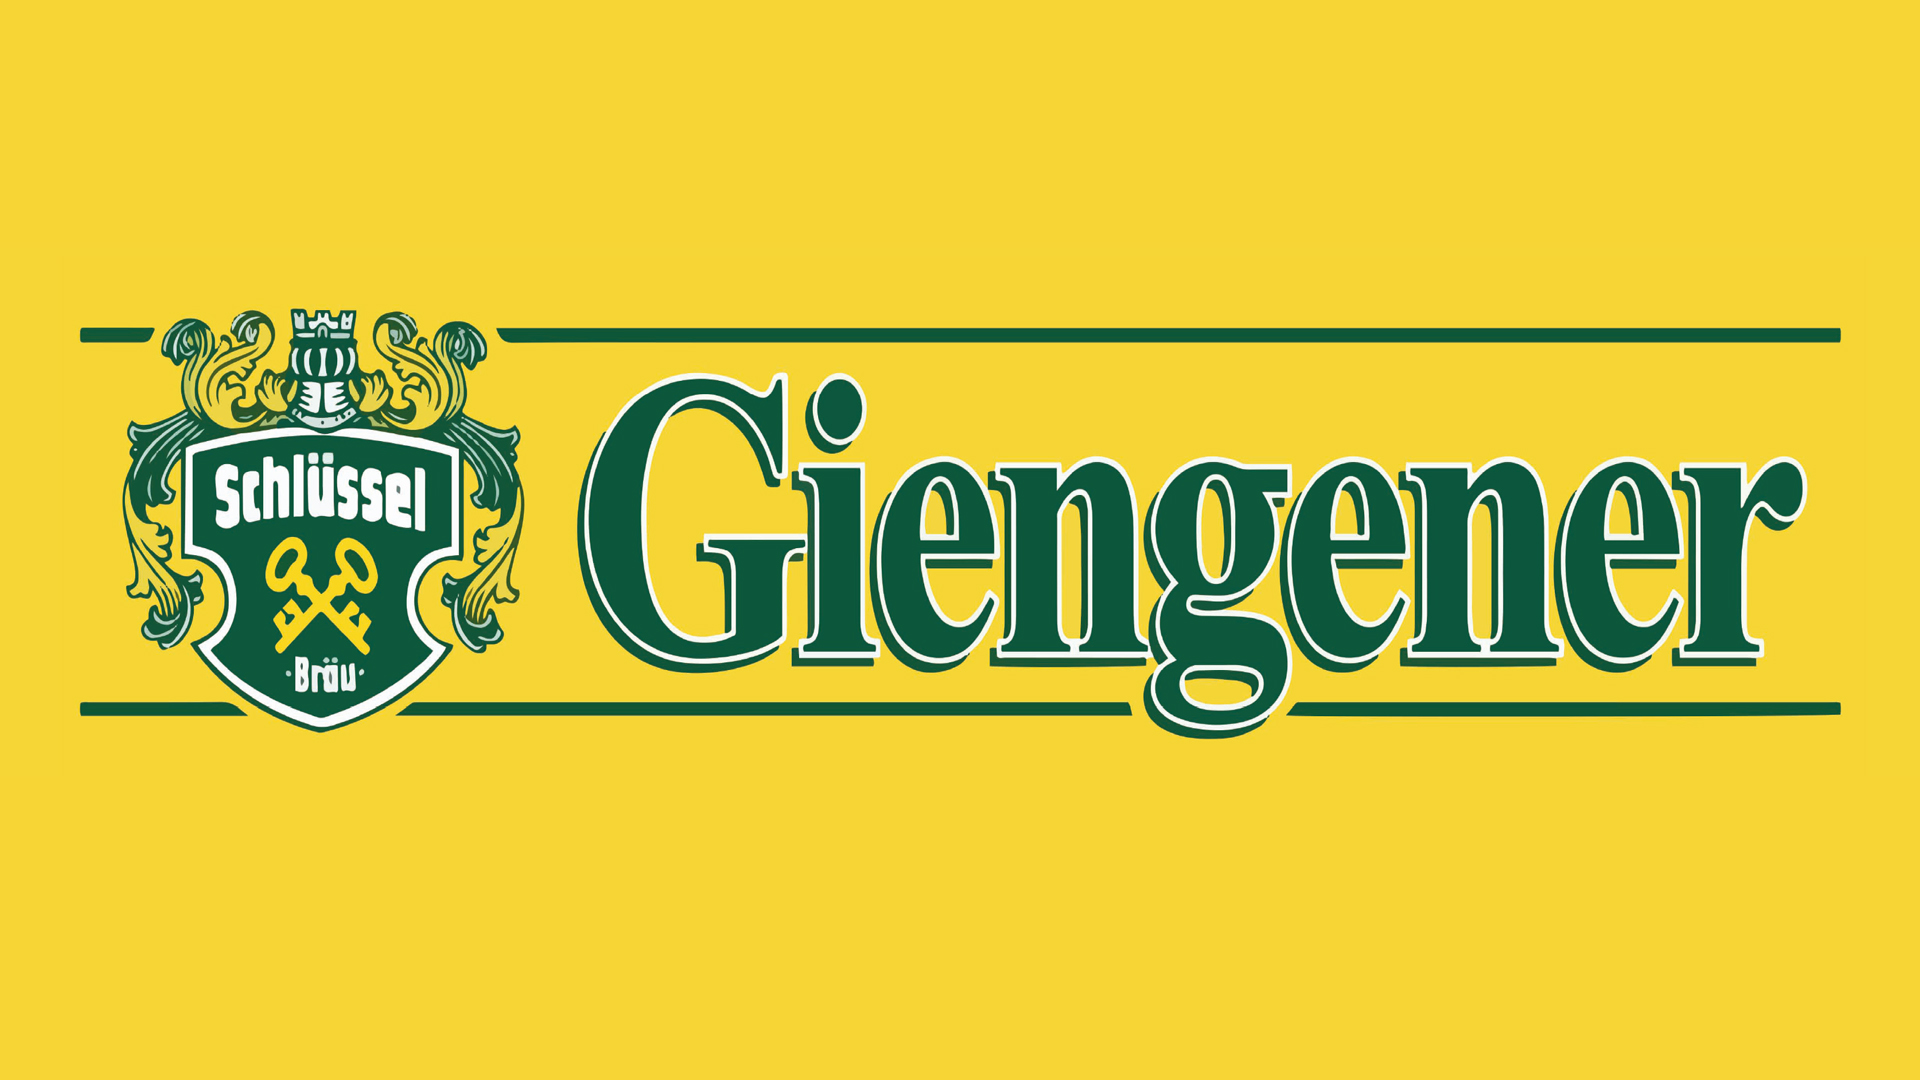 Giengener_FHD